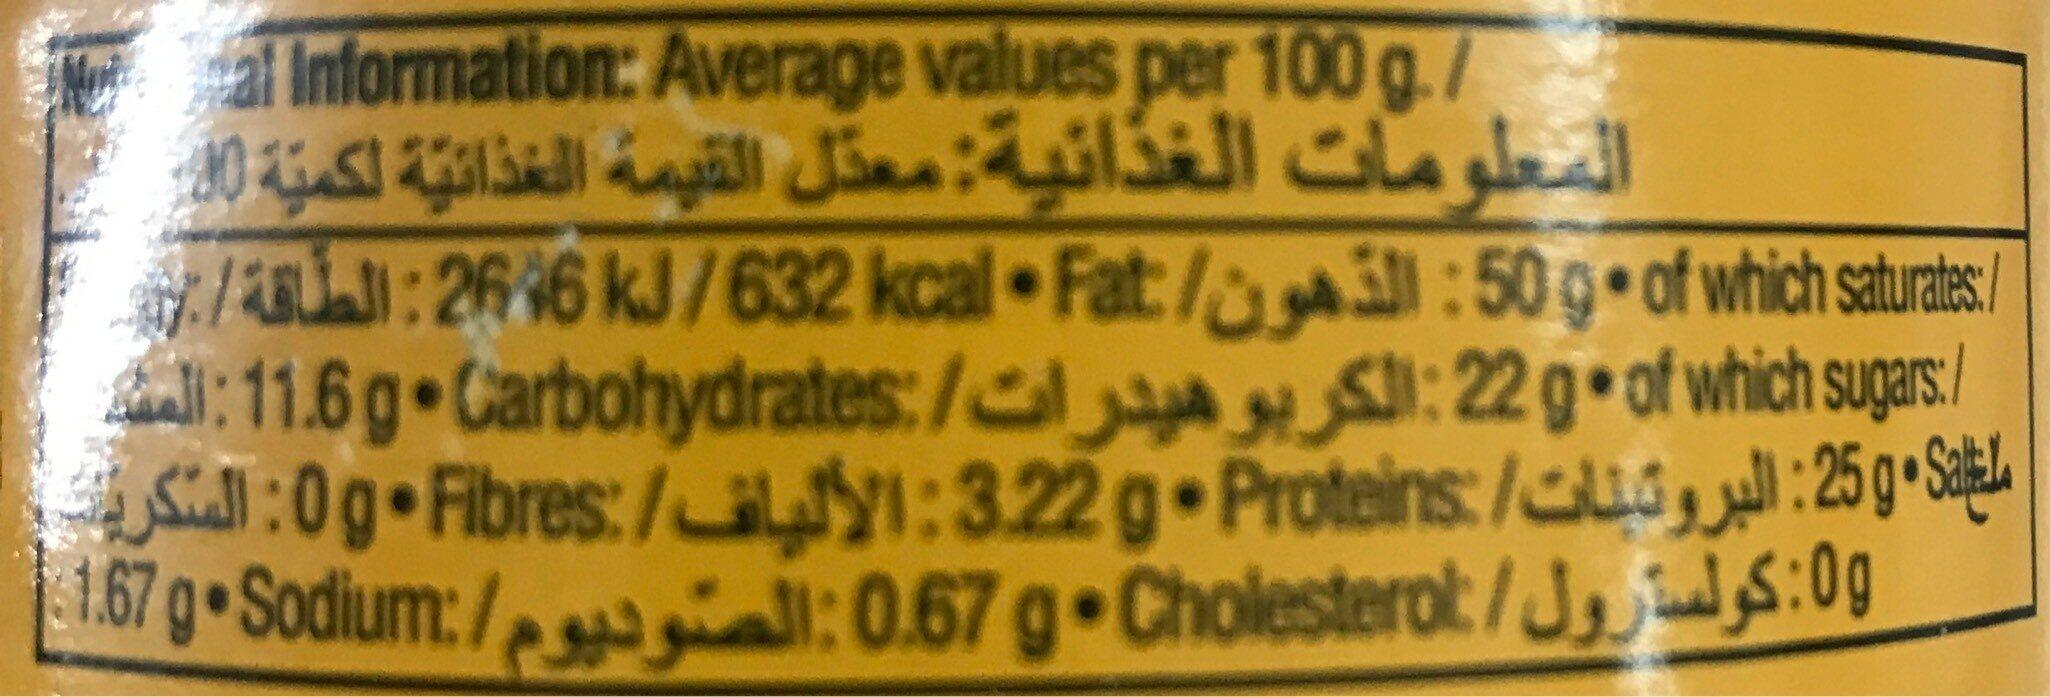 Spread peanut butter - Nutrition facts - en